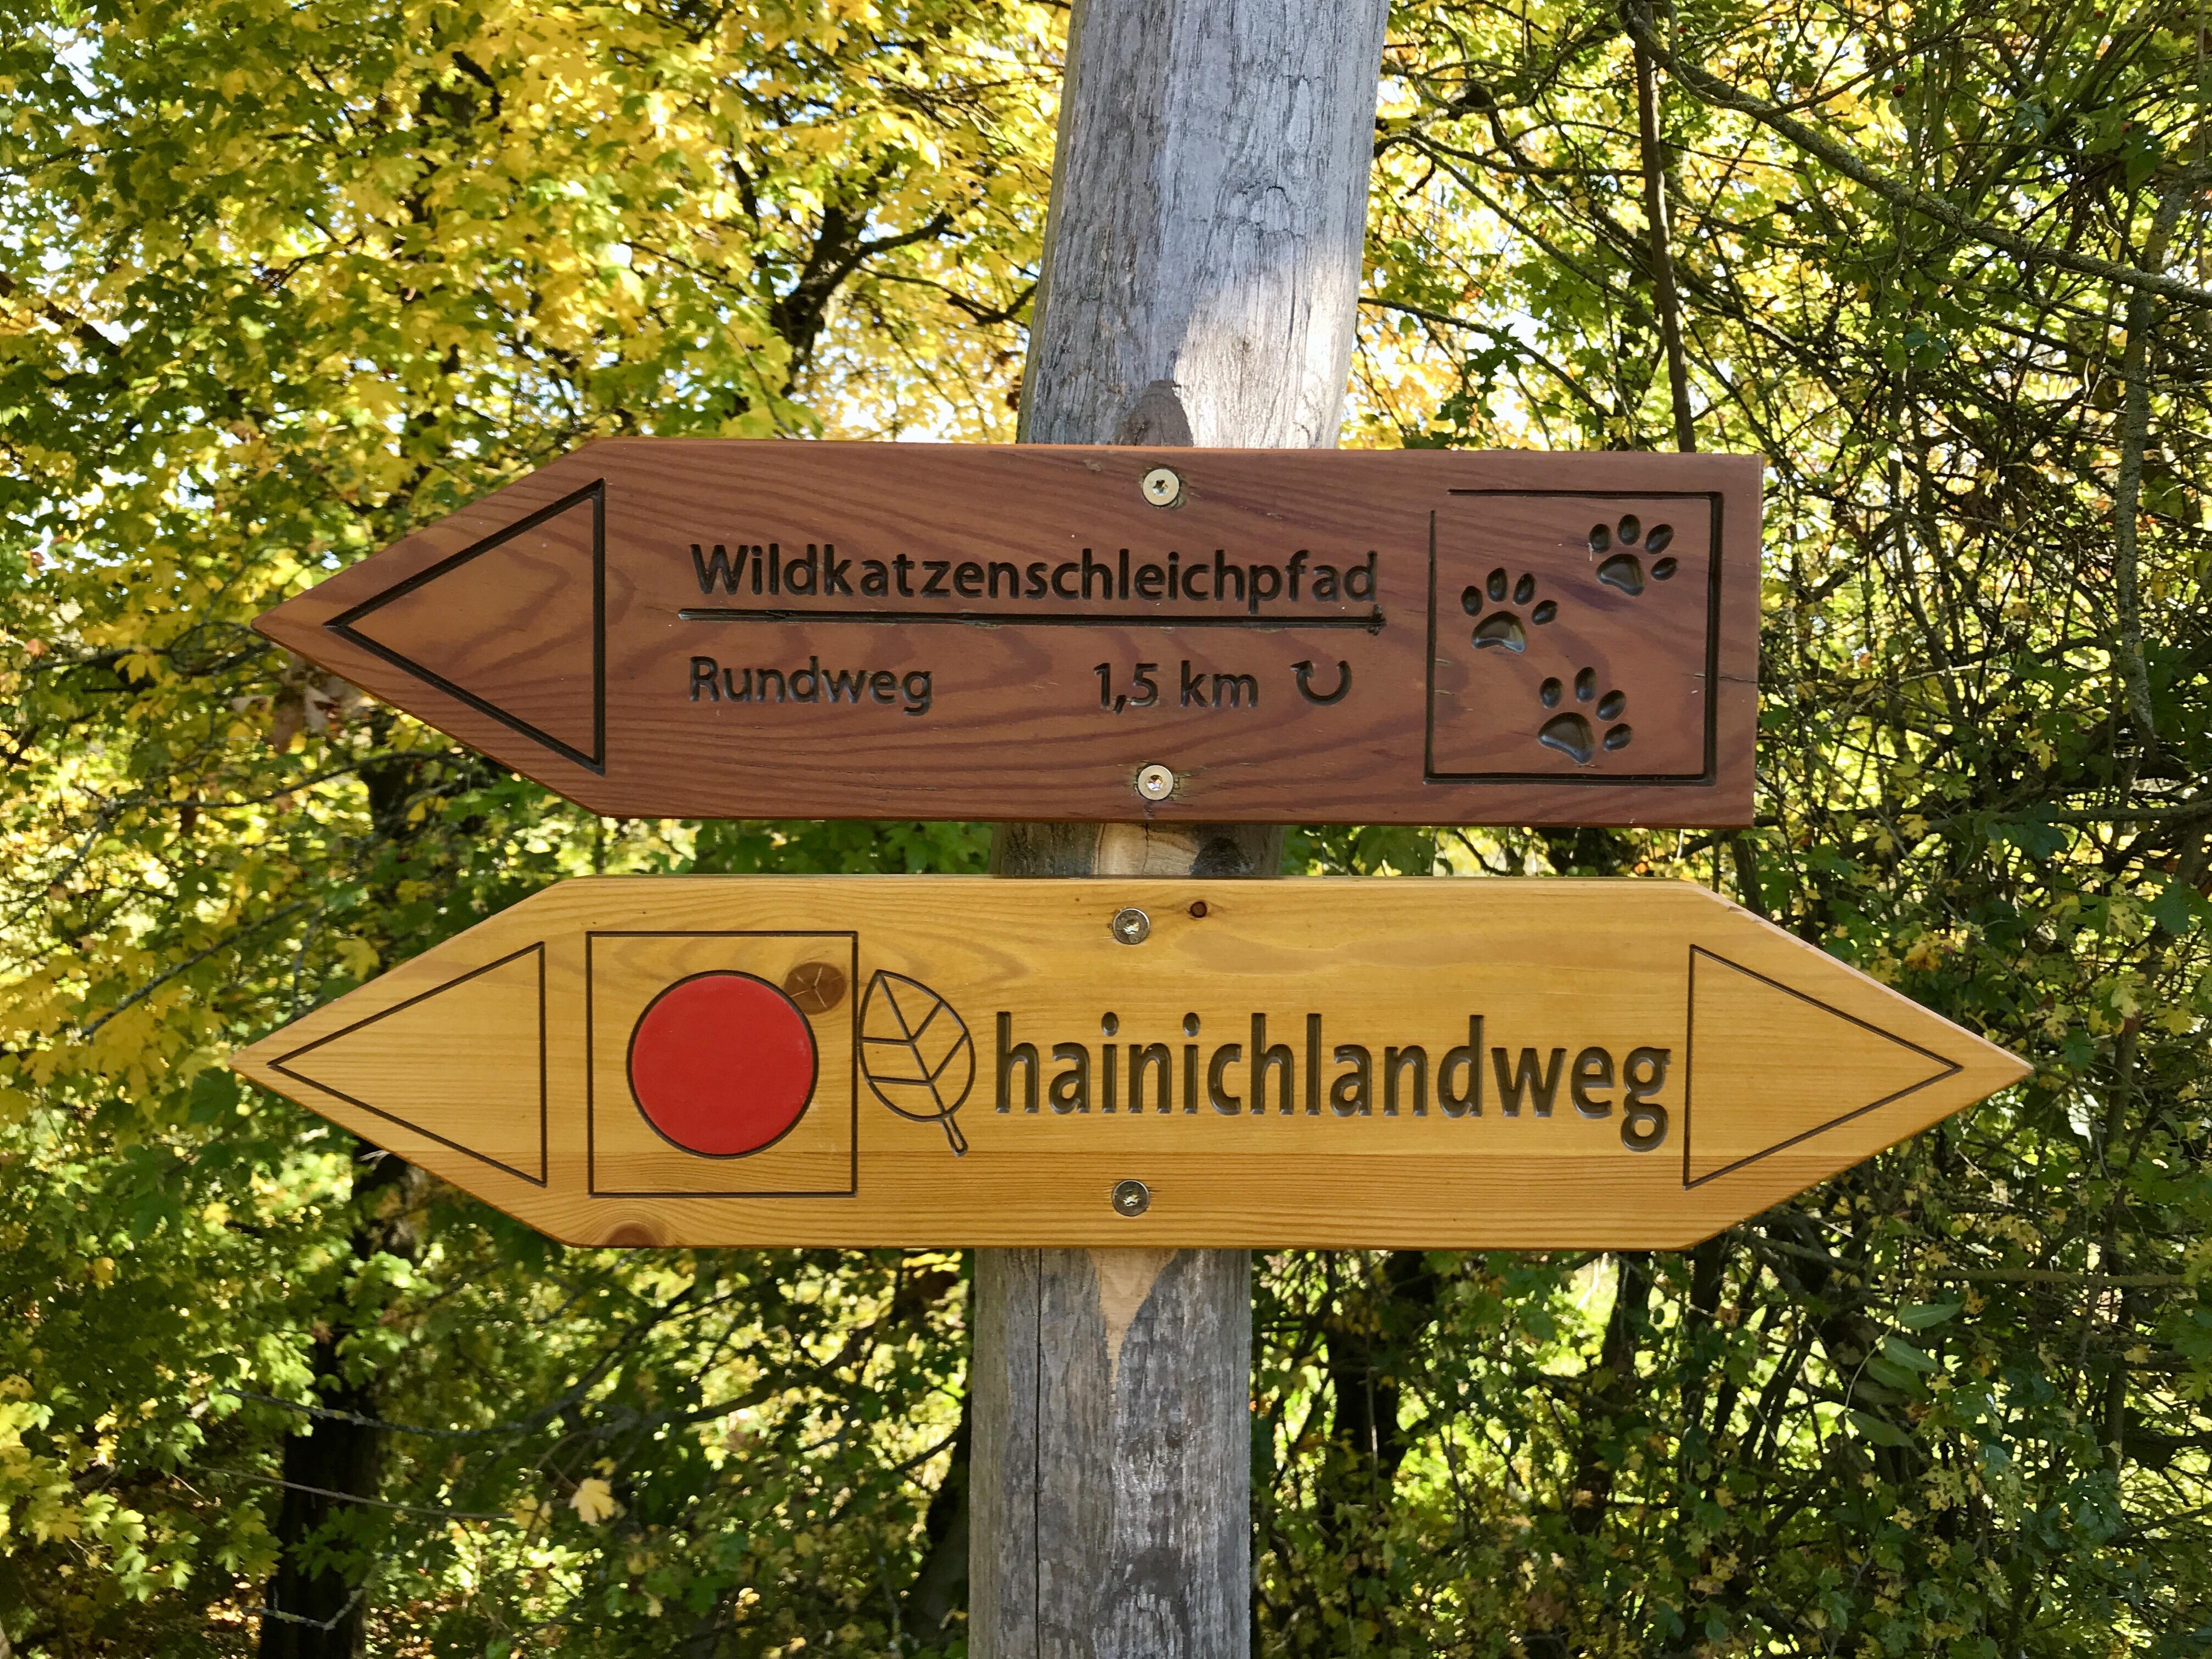 Nationalpark Hainich | berlinmittemom.com